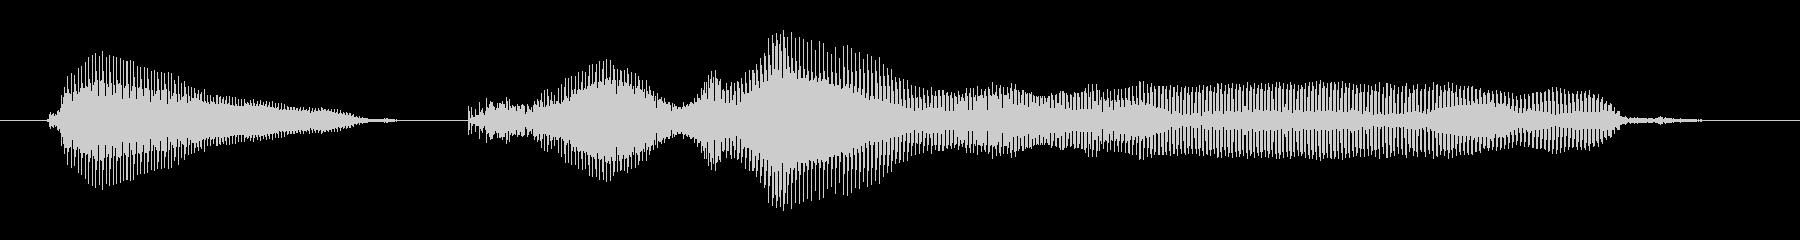 【子供の戦闘ボイス】ピンチだよぉの未再生の波形